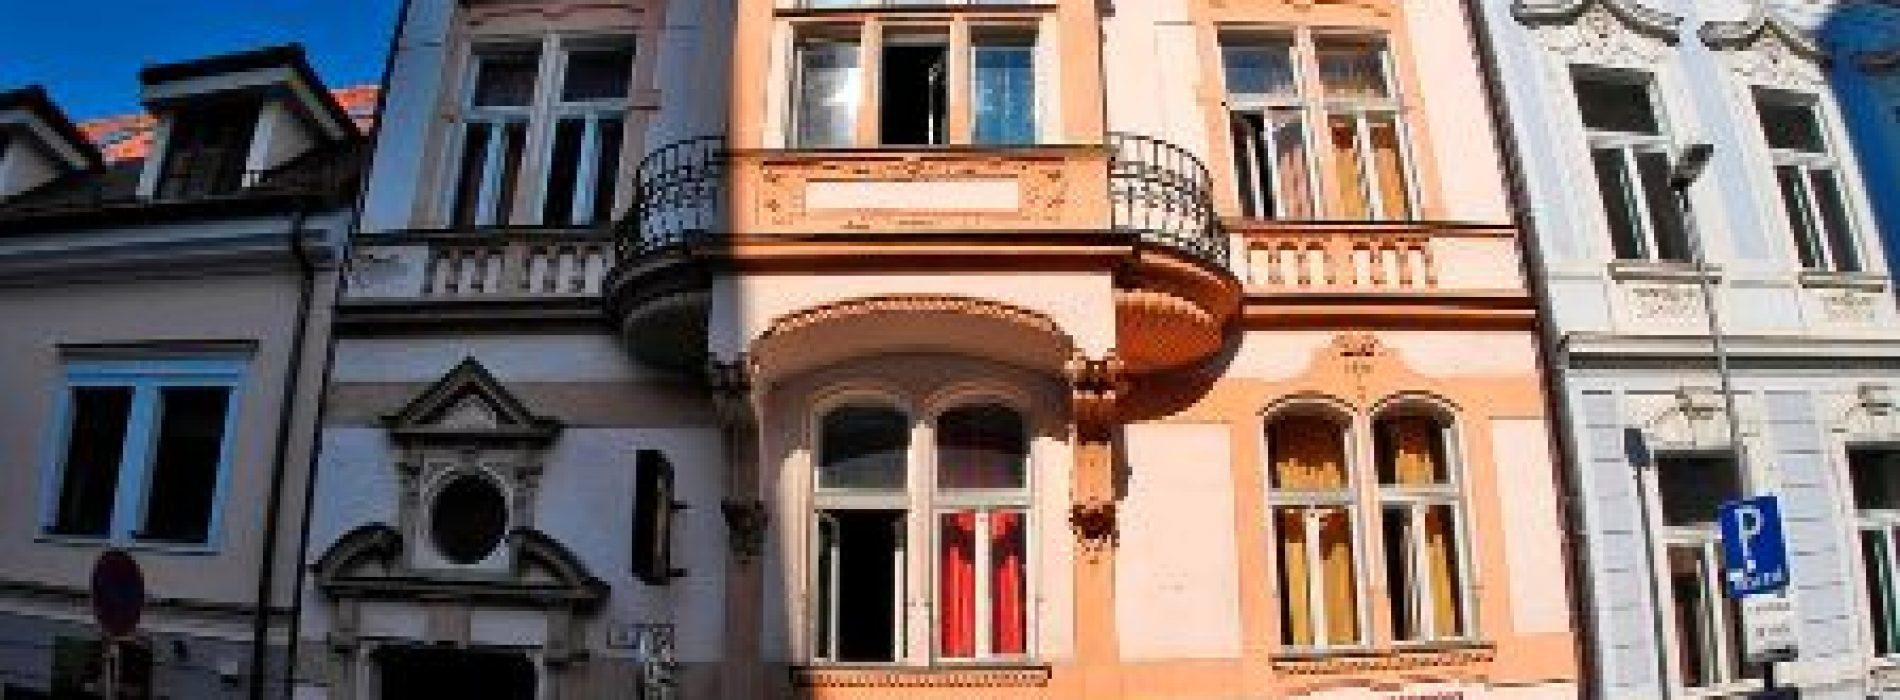 Bratislava' da Türkler Kalamaz Diyen Hostel